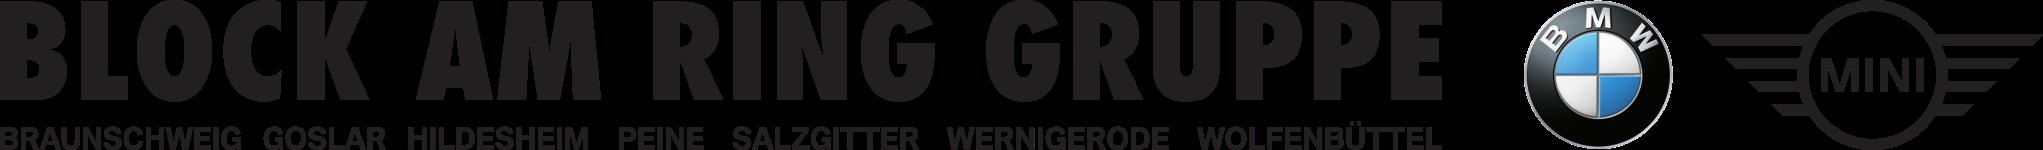 logo_gruppe_2zlg_schwarz_bmw_mini